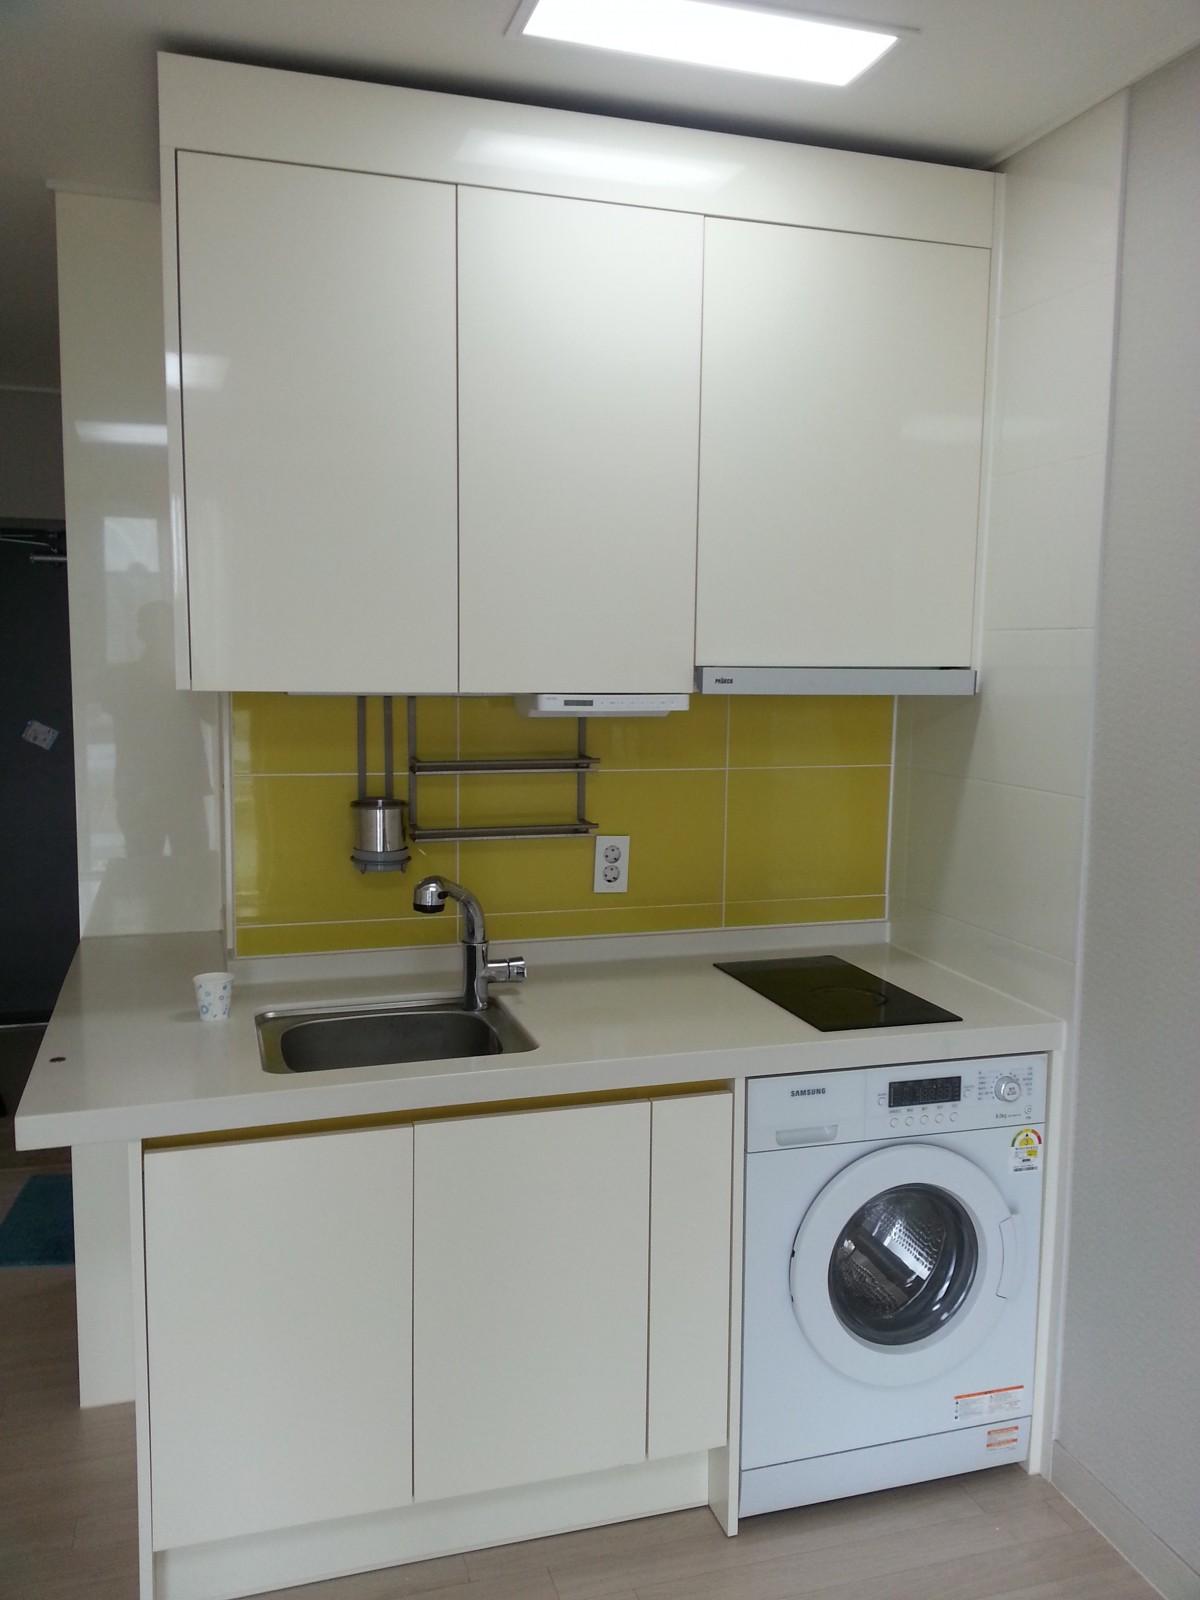 Kitchen Cabinet Interior Design: Free Images : Floor, Studio, Kitchen, Sink, Furniture